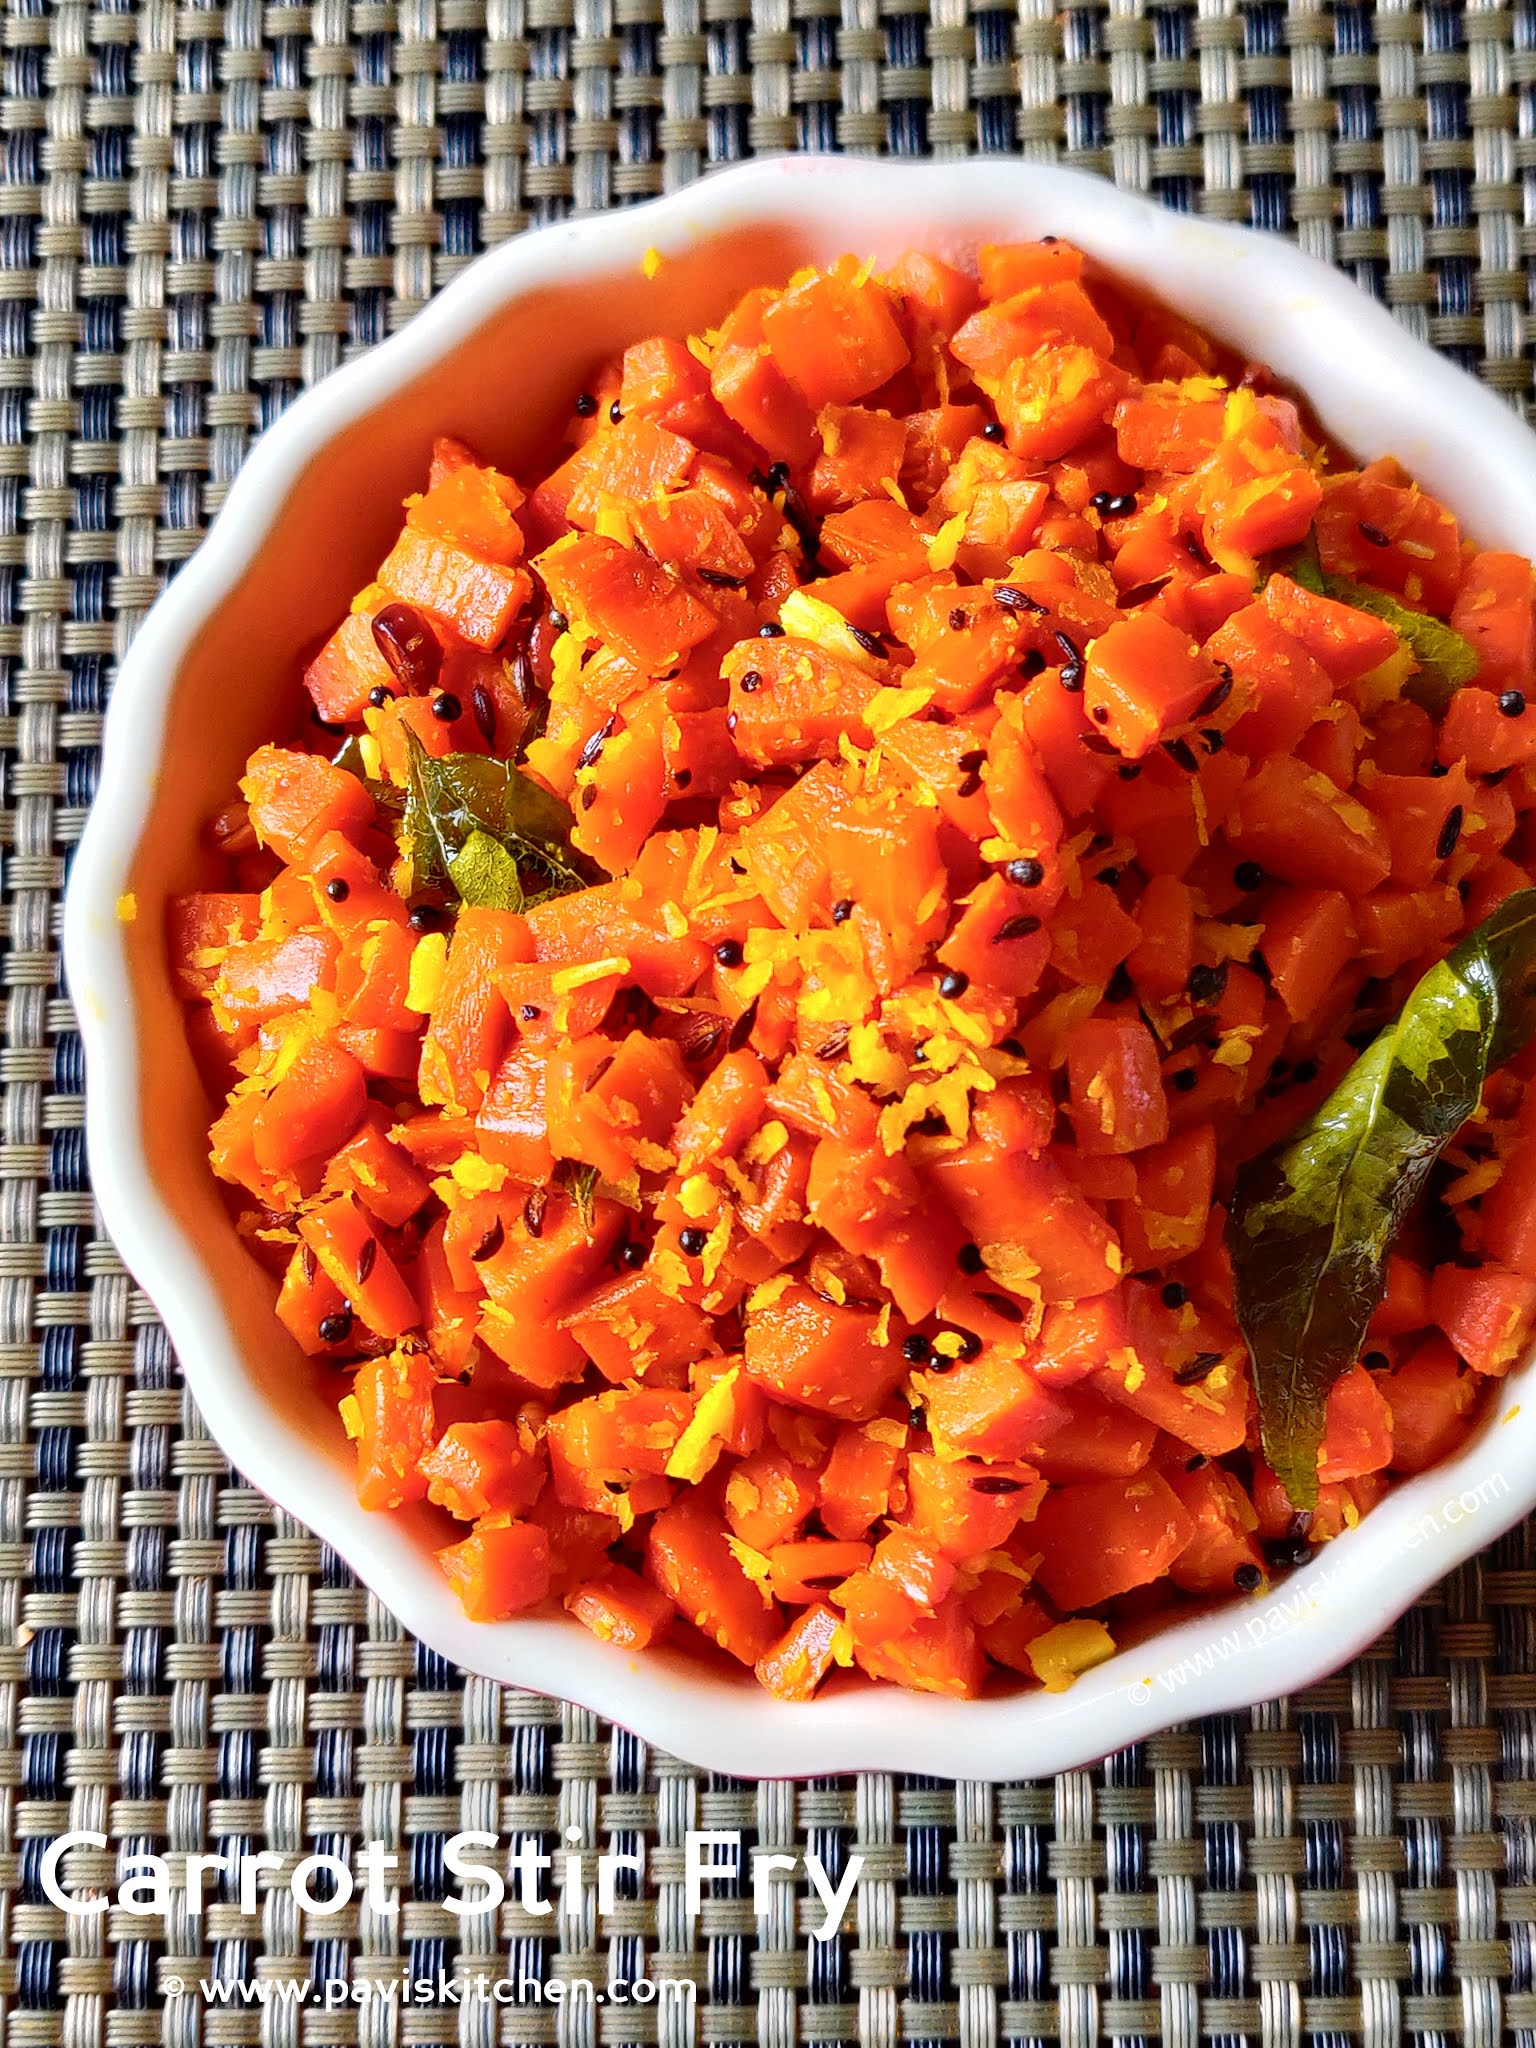 Carrot Poriyal Recipe | Carrot Palya | Carrot Stir Fry